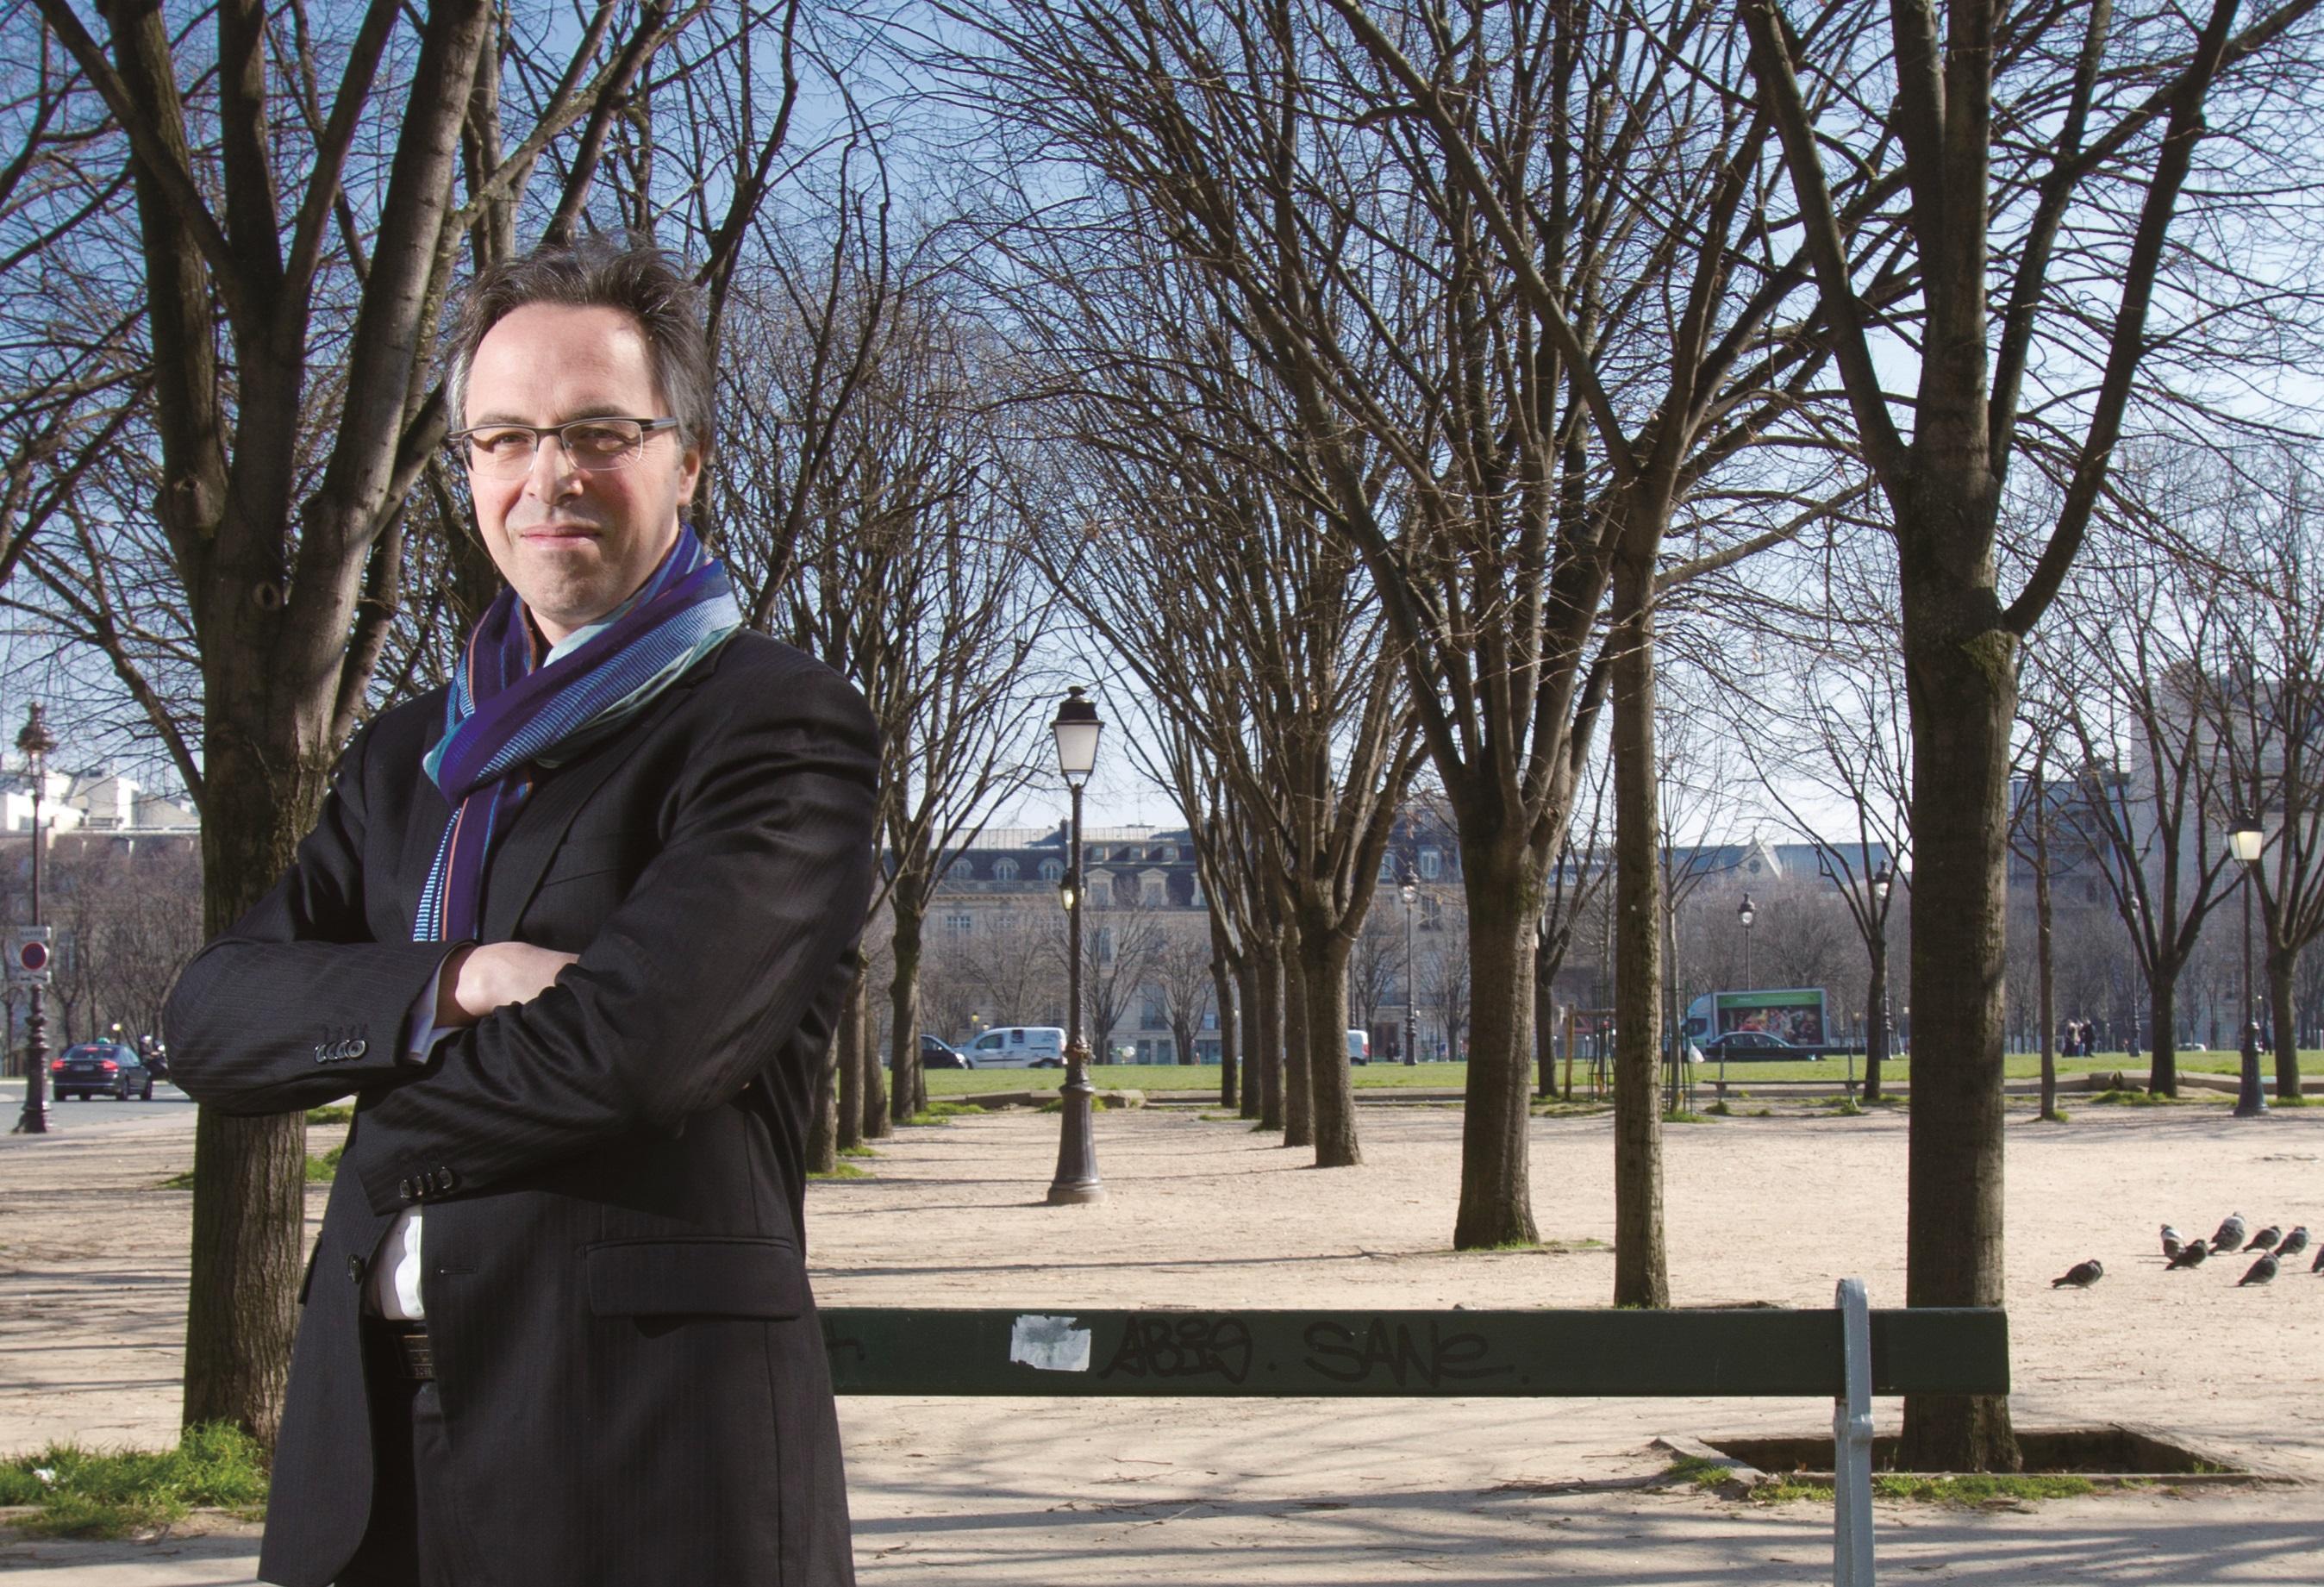 法國新創Oledcomm:靠燈泡傳輸資料,Li-Fi通訊更安全